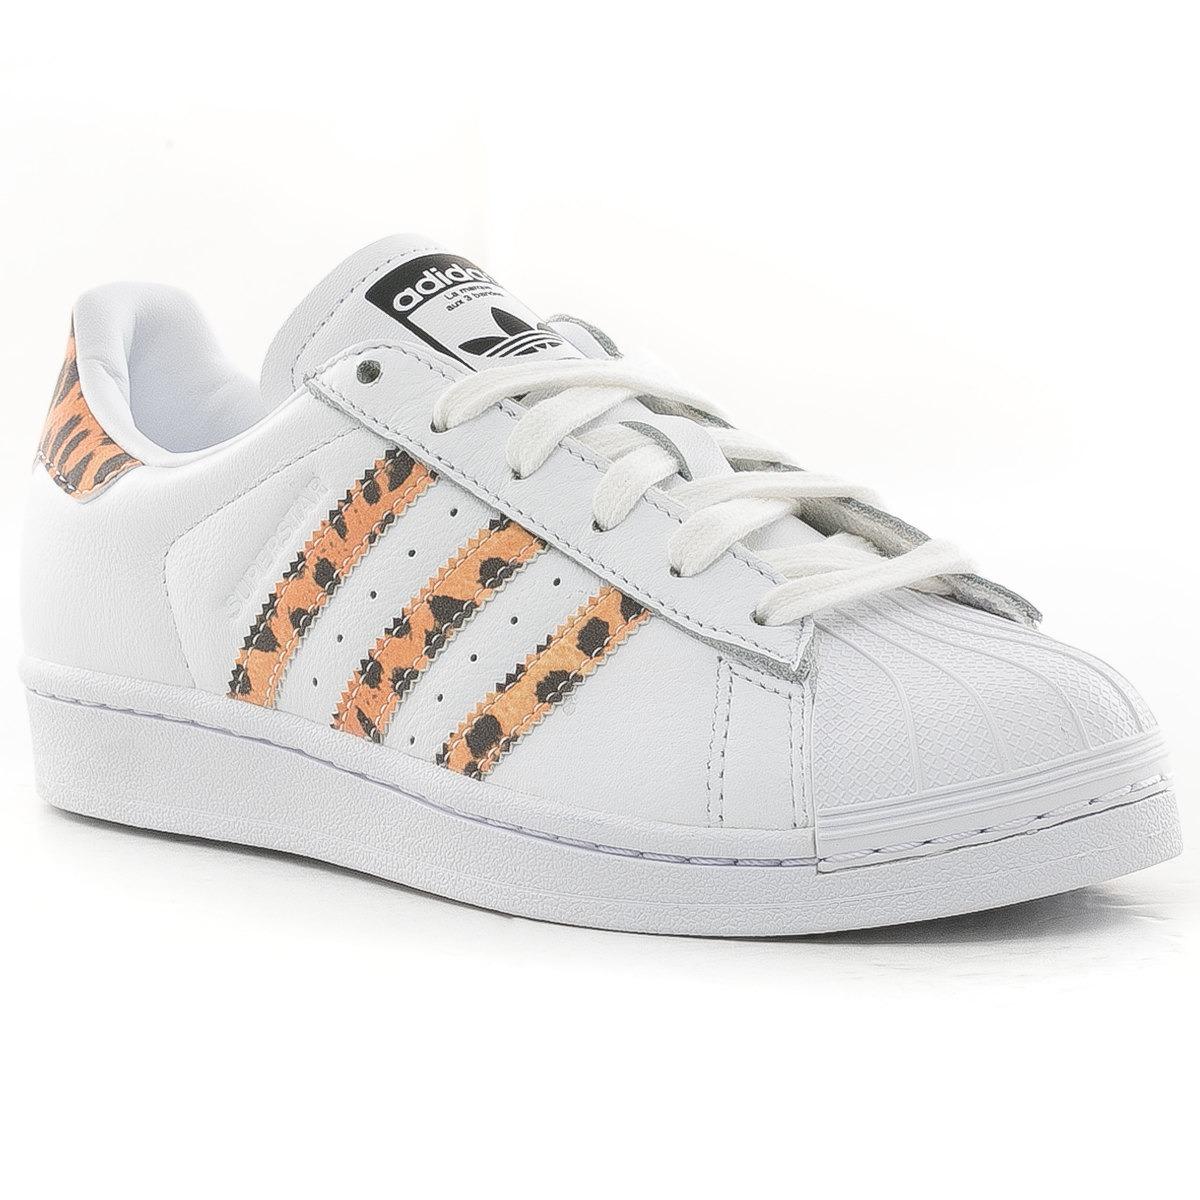 22425a76fdb zapatillas superstar w cq2514 adidas originals. Cargando zoom.